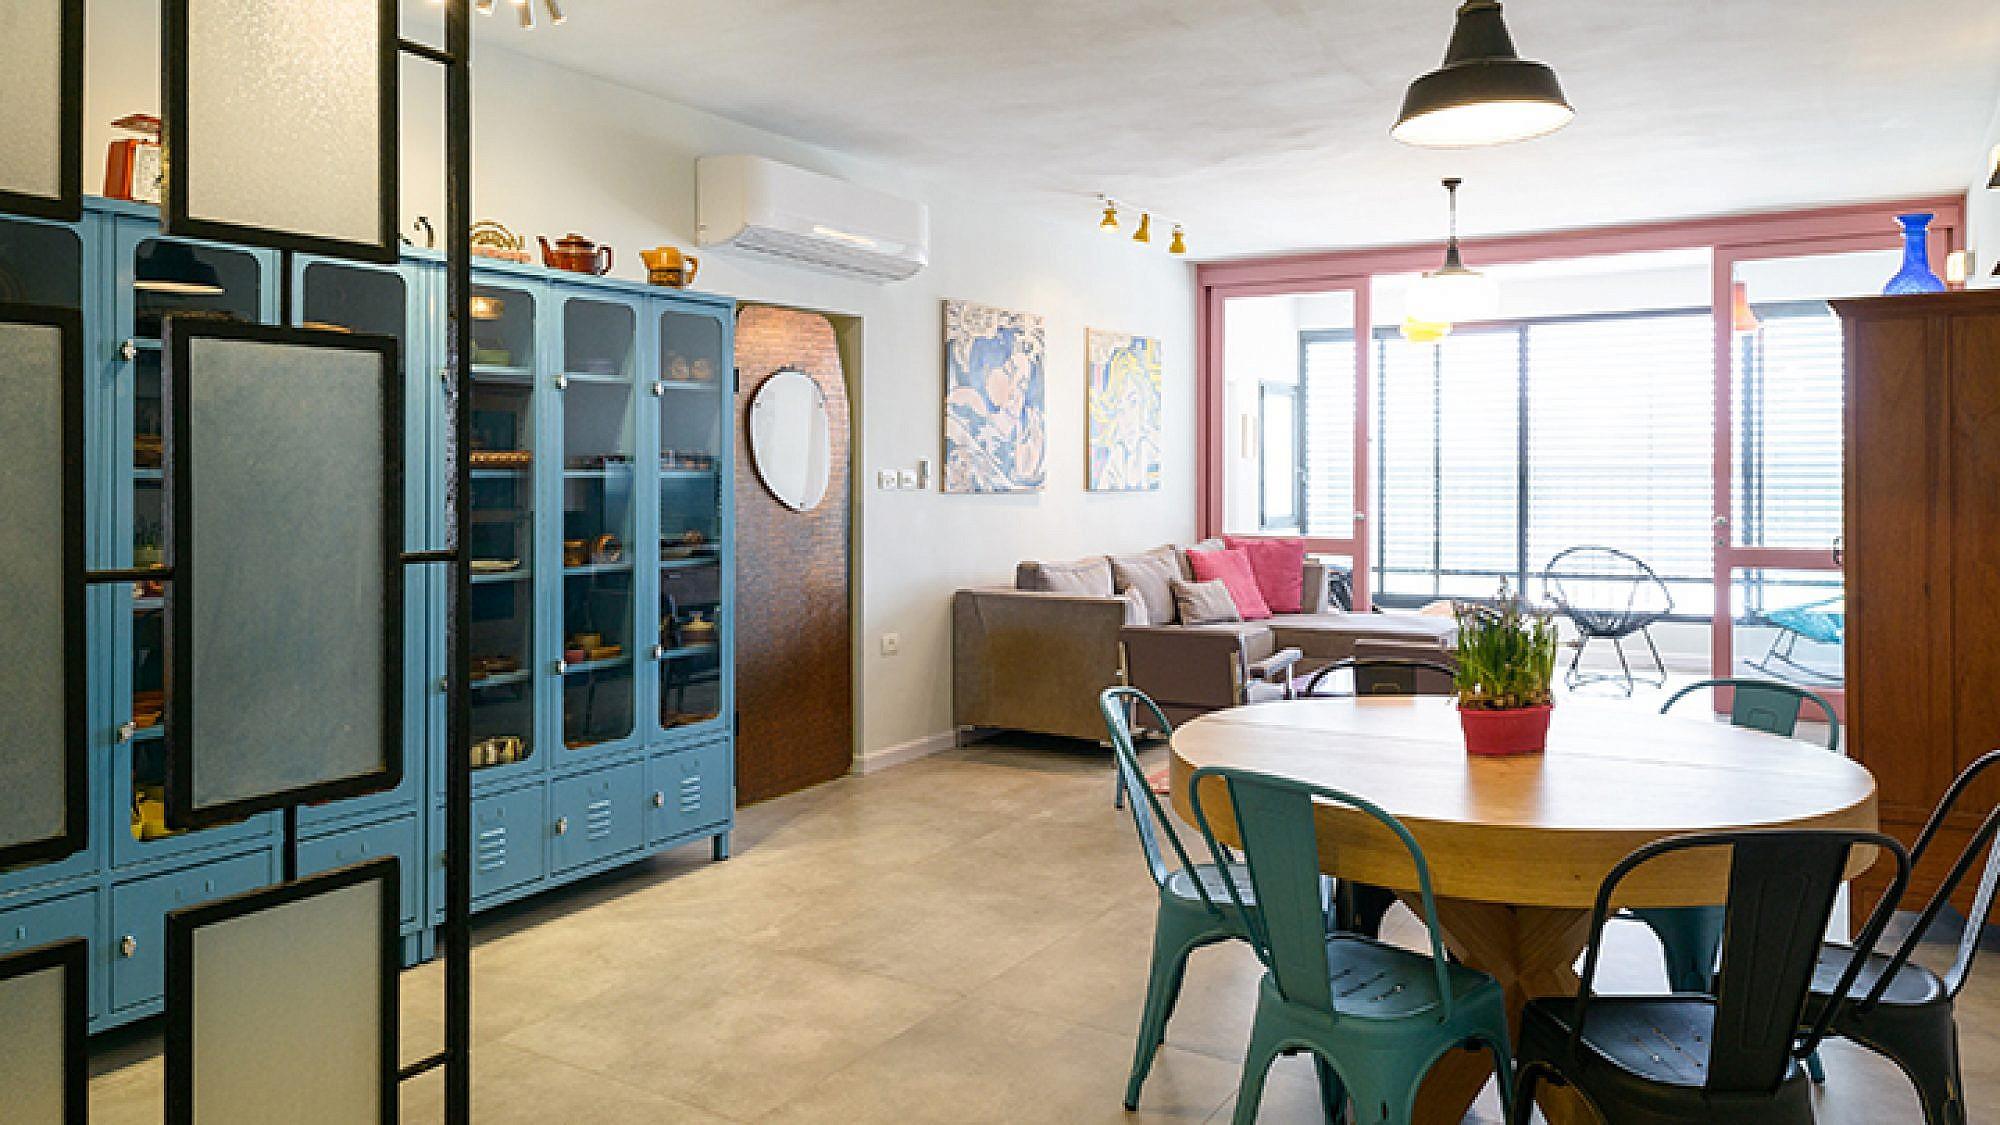 בתכלת ודלת הוויטרינה שנצבעה בוורוד עתיק, משפיעים על הצבעוניות של הבית  | צילום: אדריאן דודה